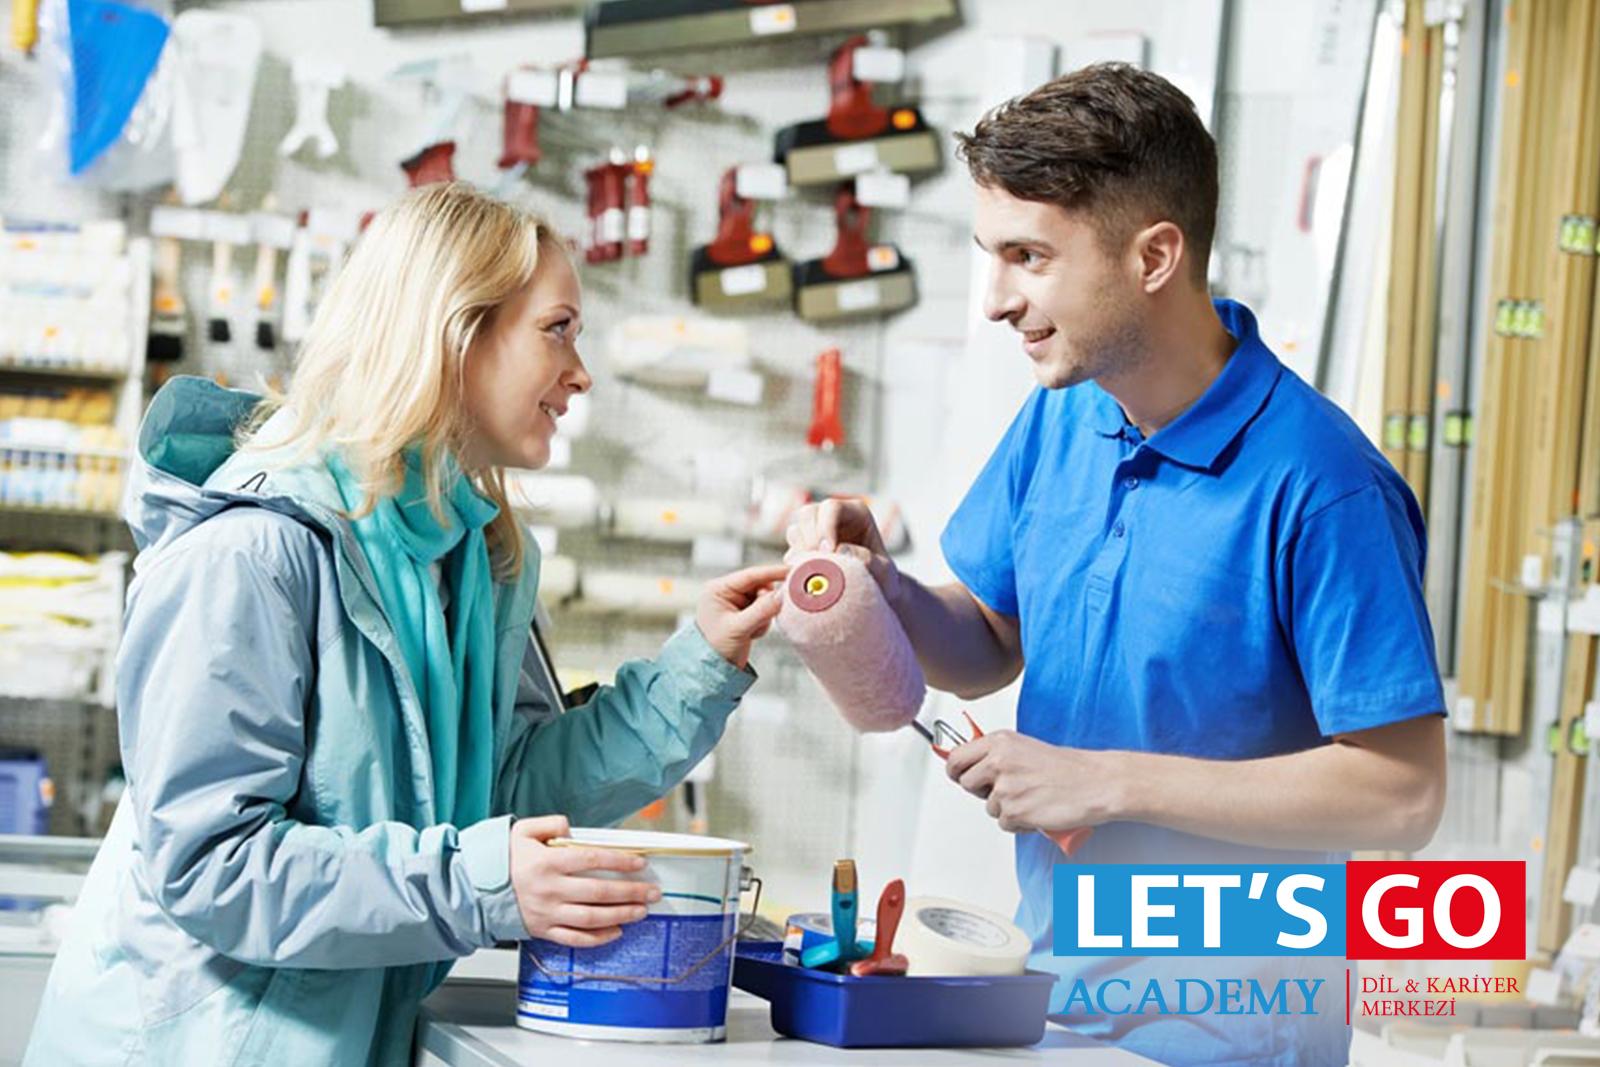 magaza-danışmanlığı-eğitimi-konyaarticle-marketing-sales-team-1